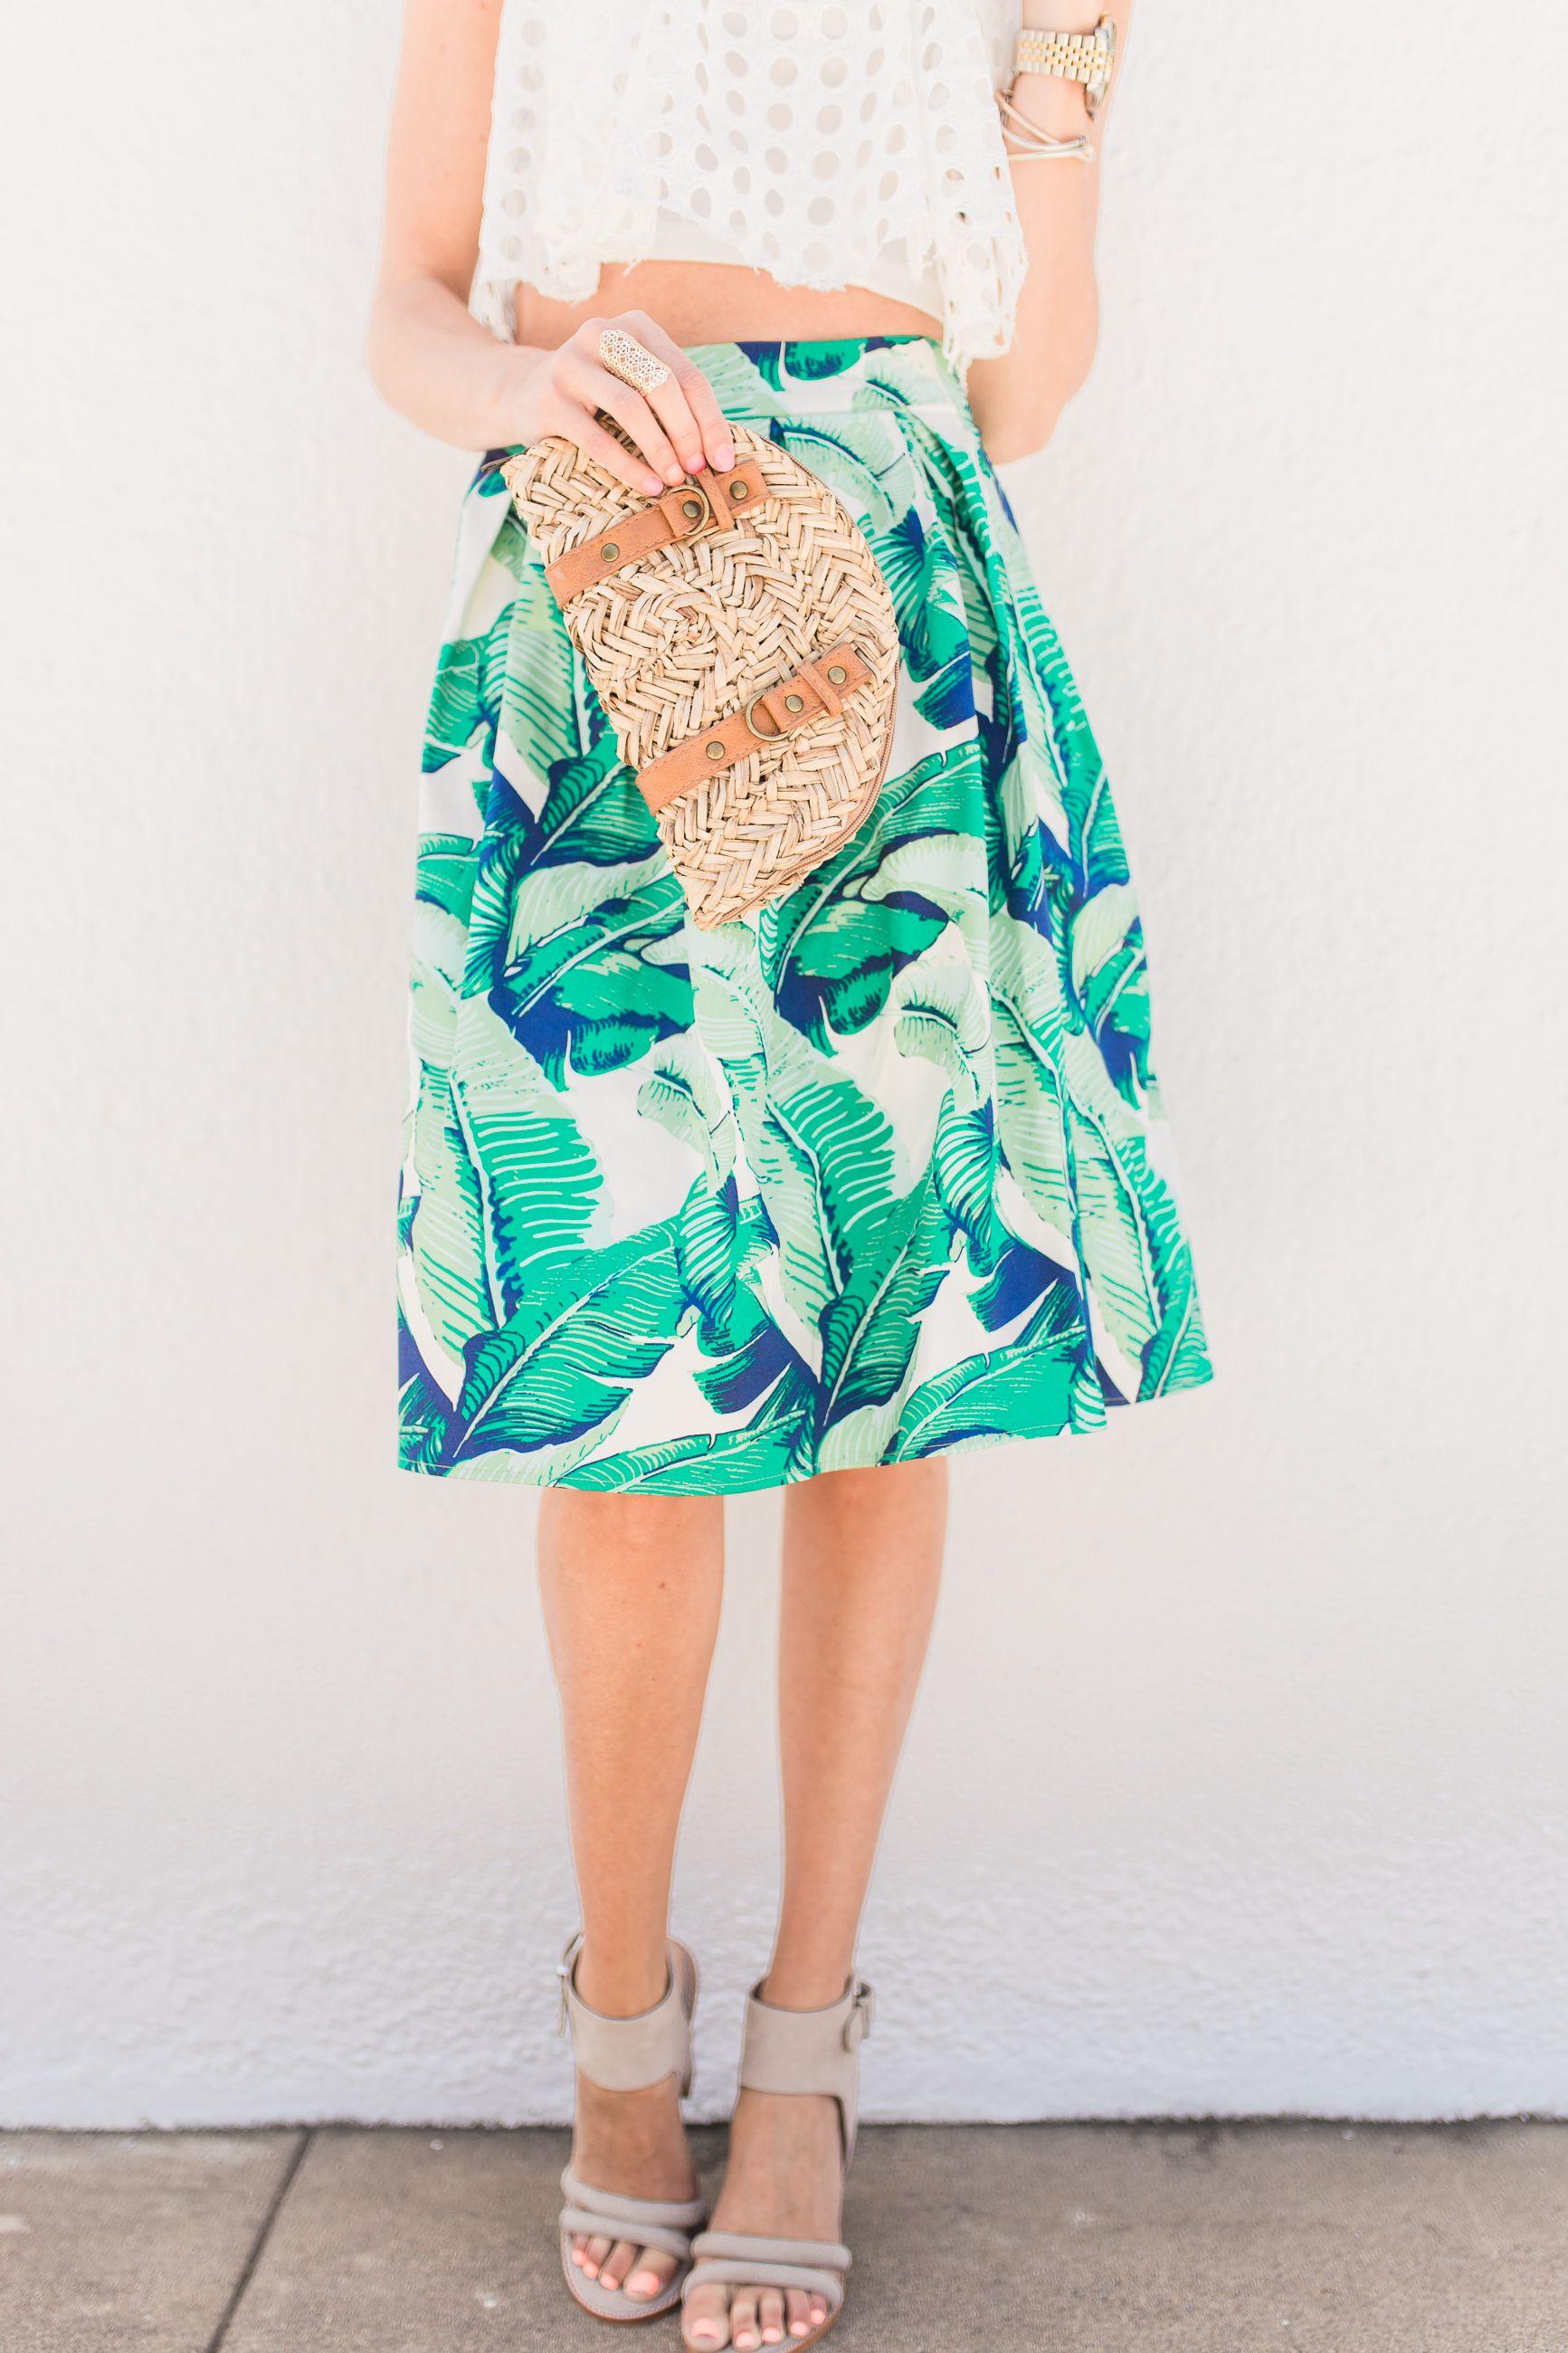 Palm Print Skirt + Crop Top - Mckenna Bleu | My Style / McKenna Bleu ...